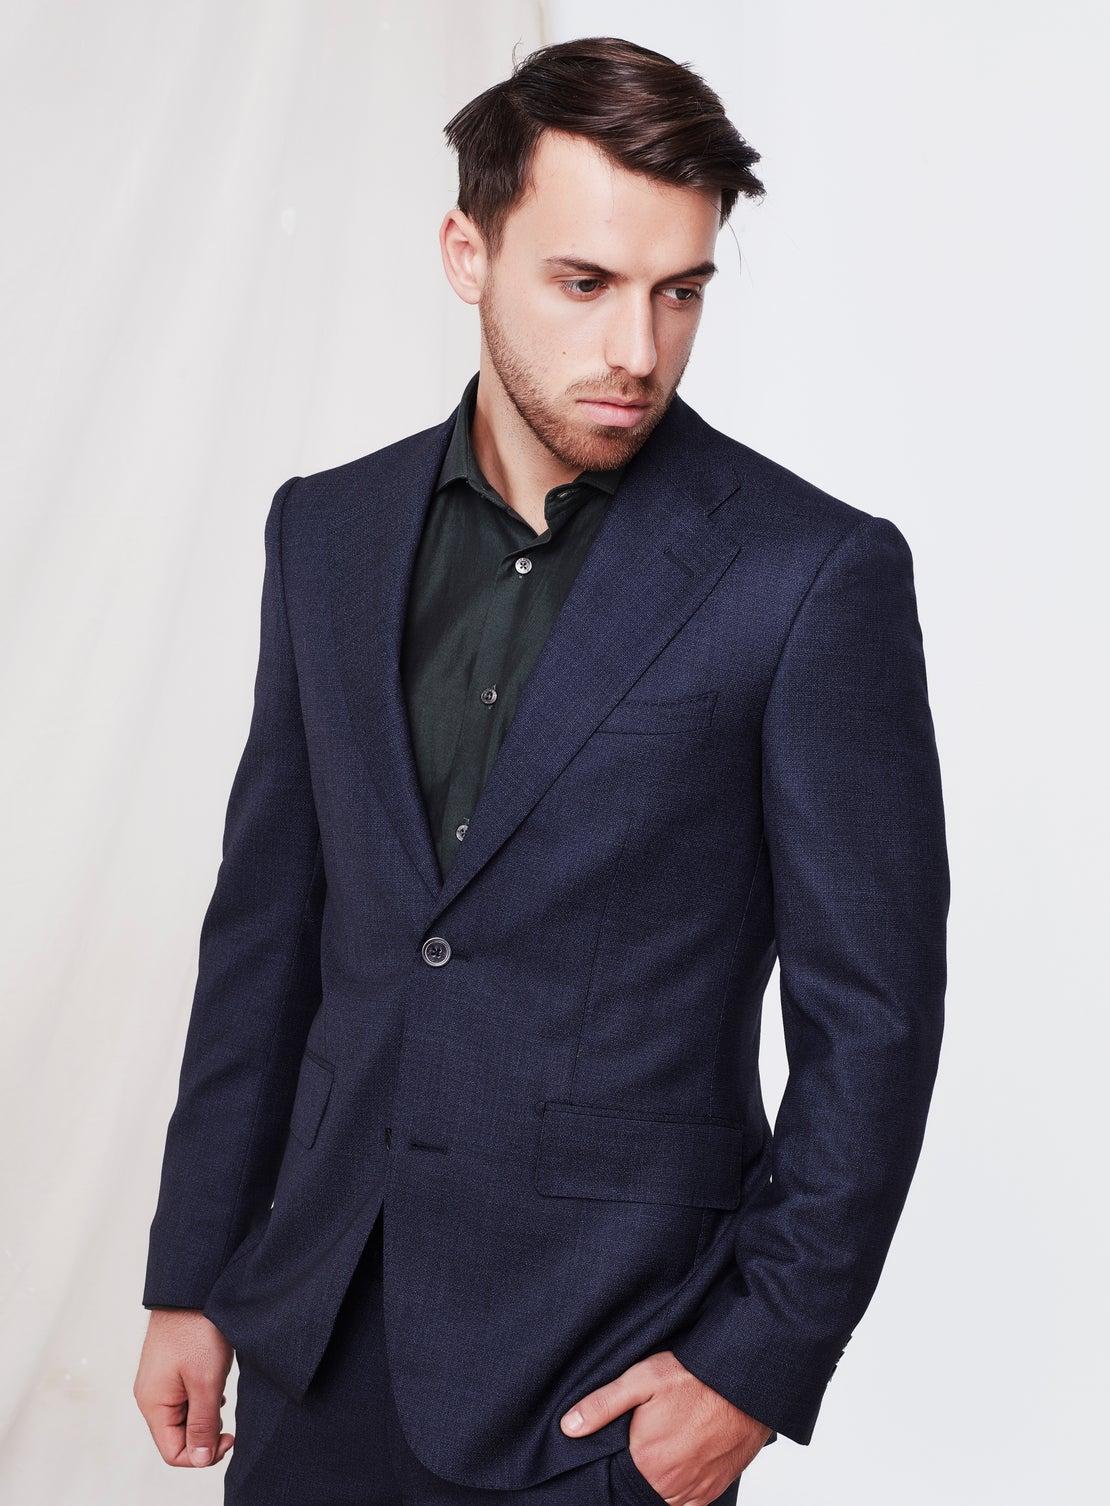 Navy Textured Suit